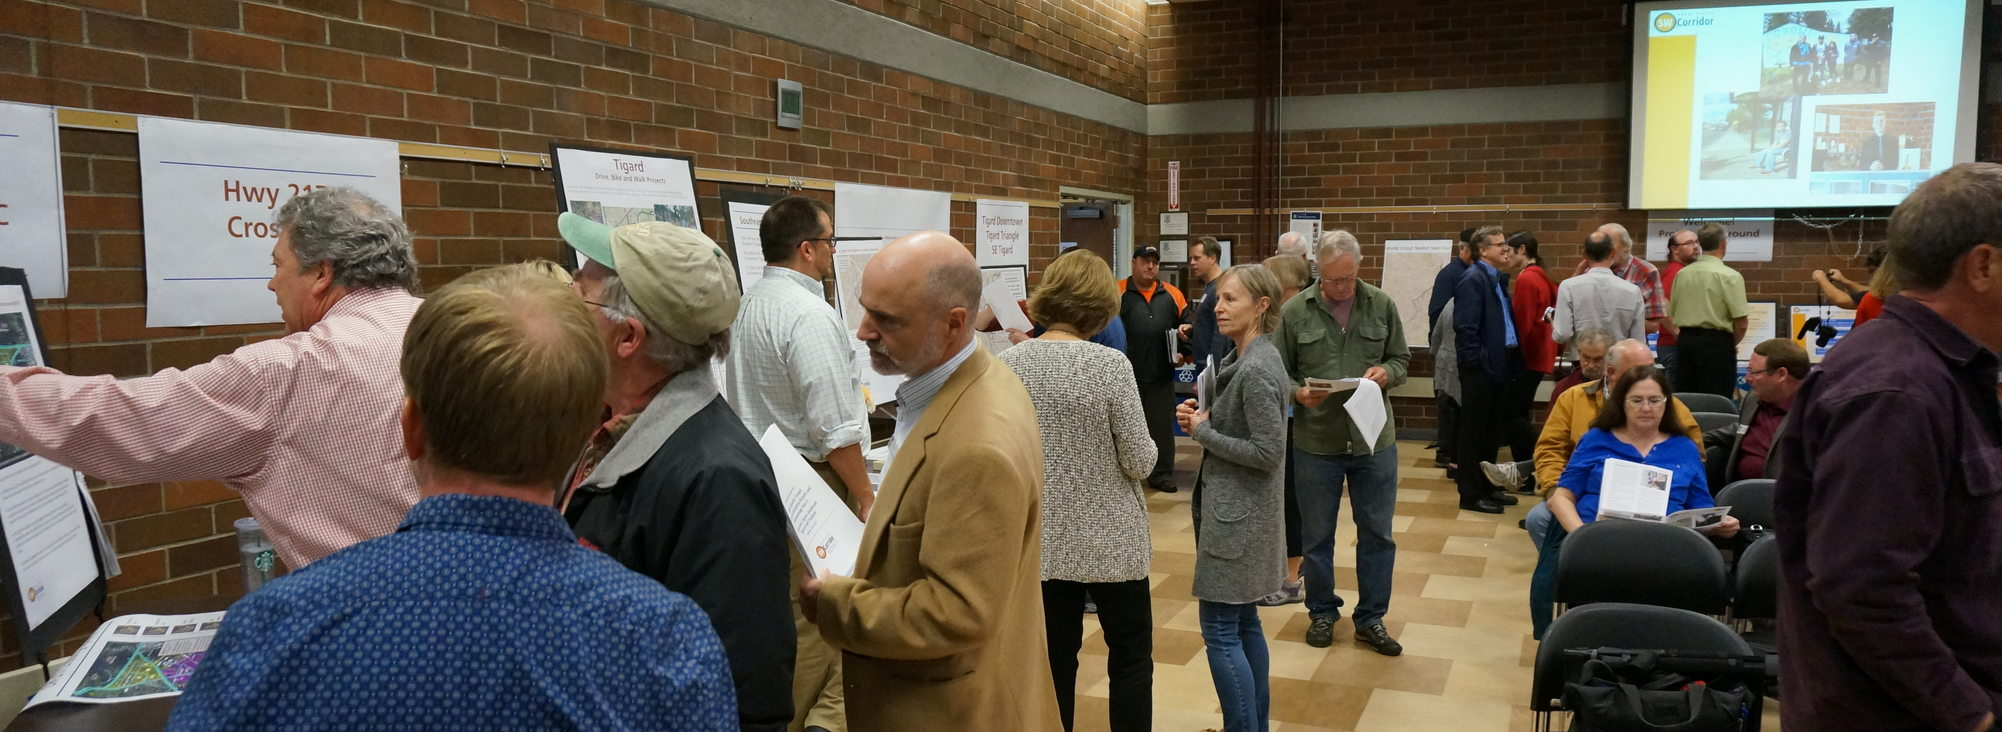 Tigard community forum